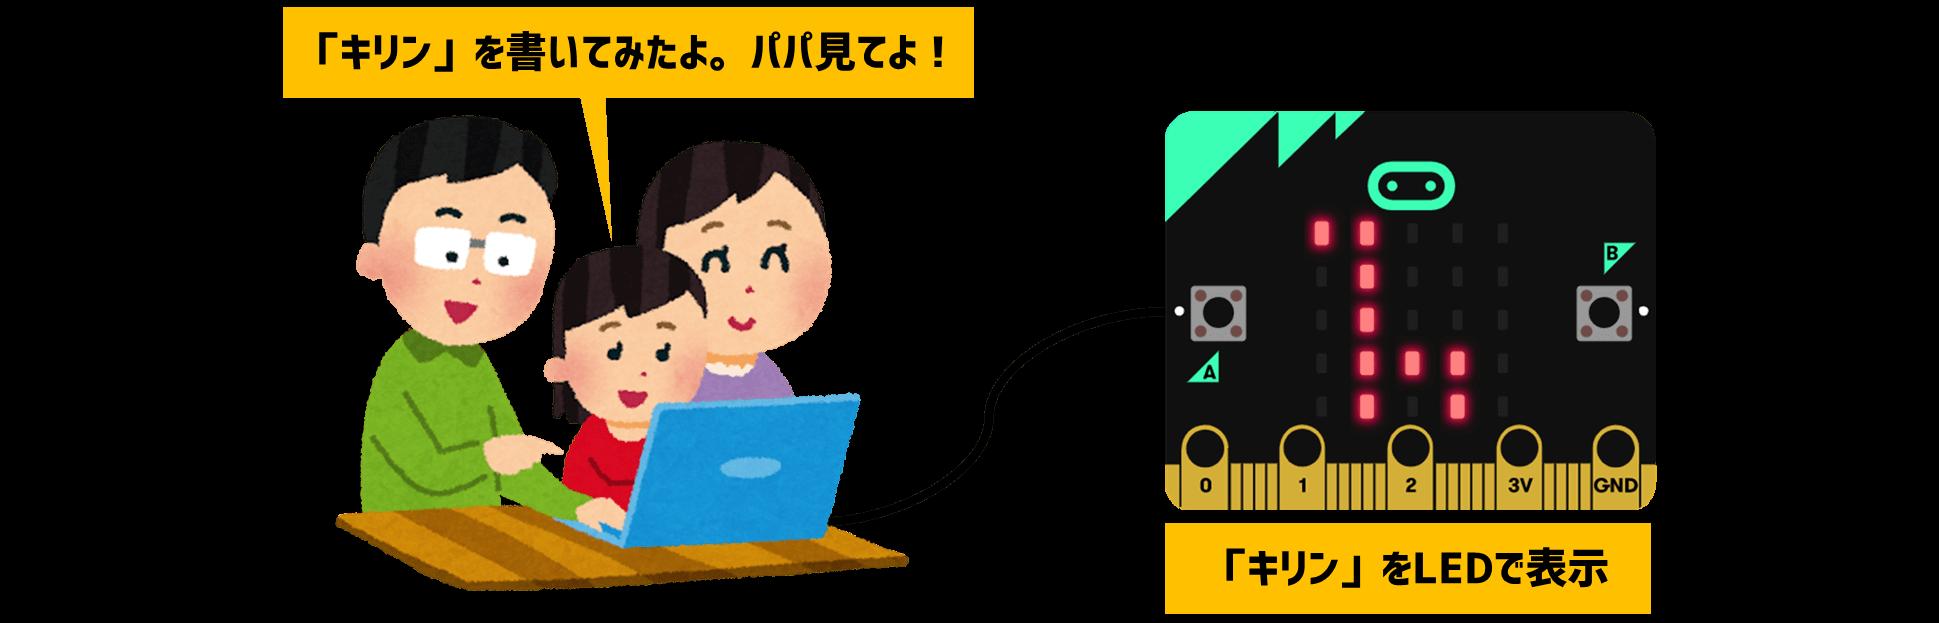 パソコンを使ってプログラム